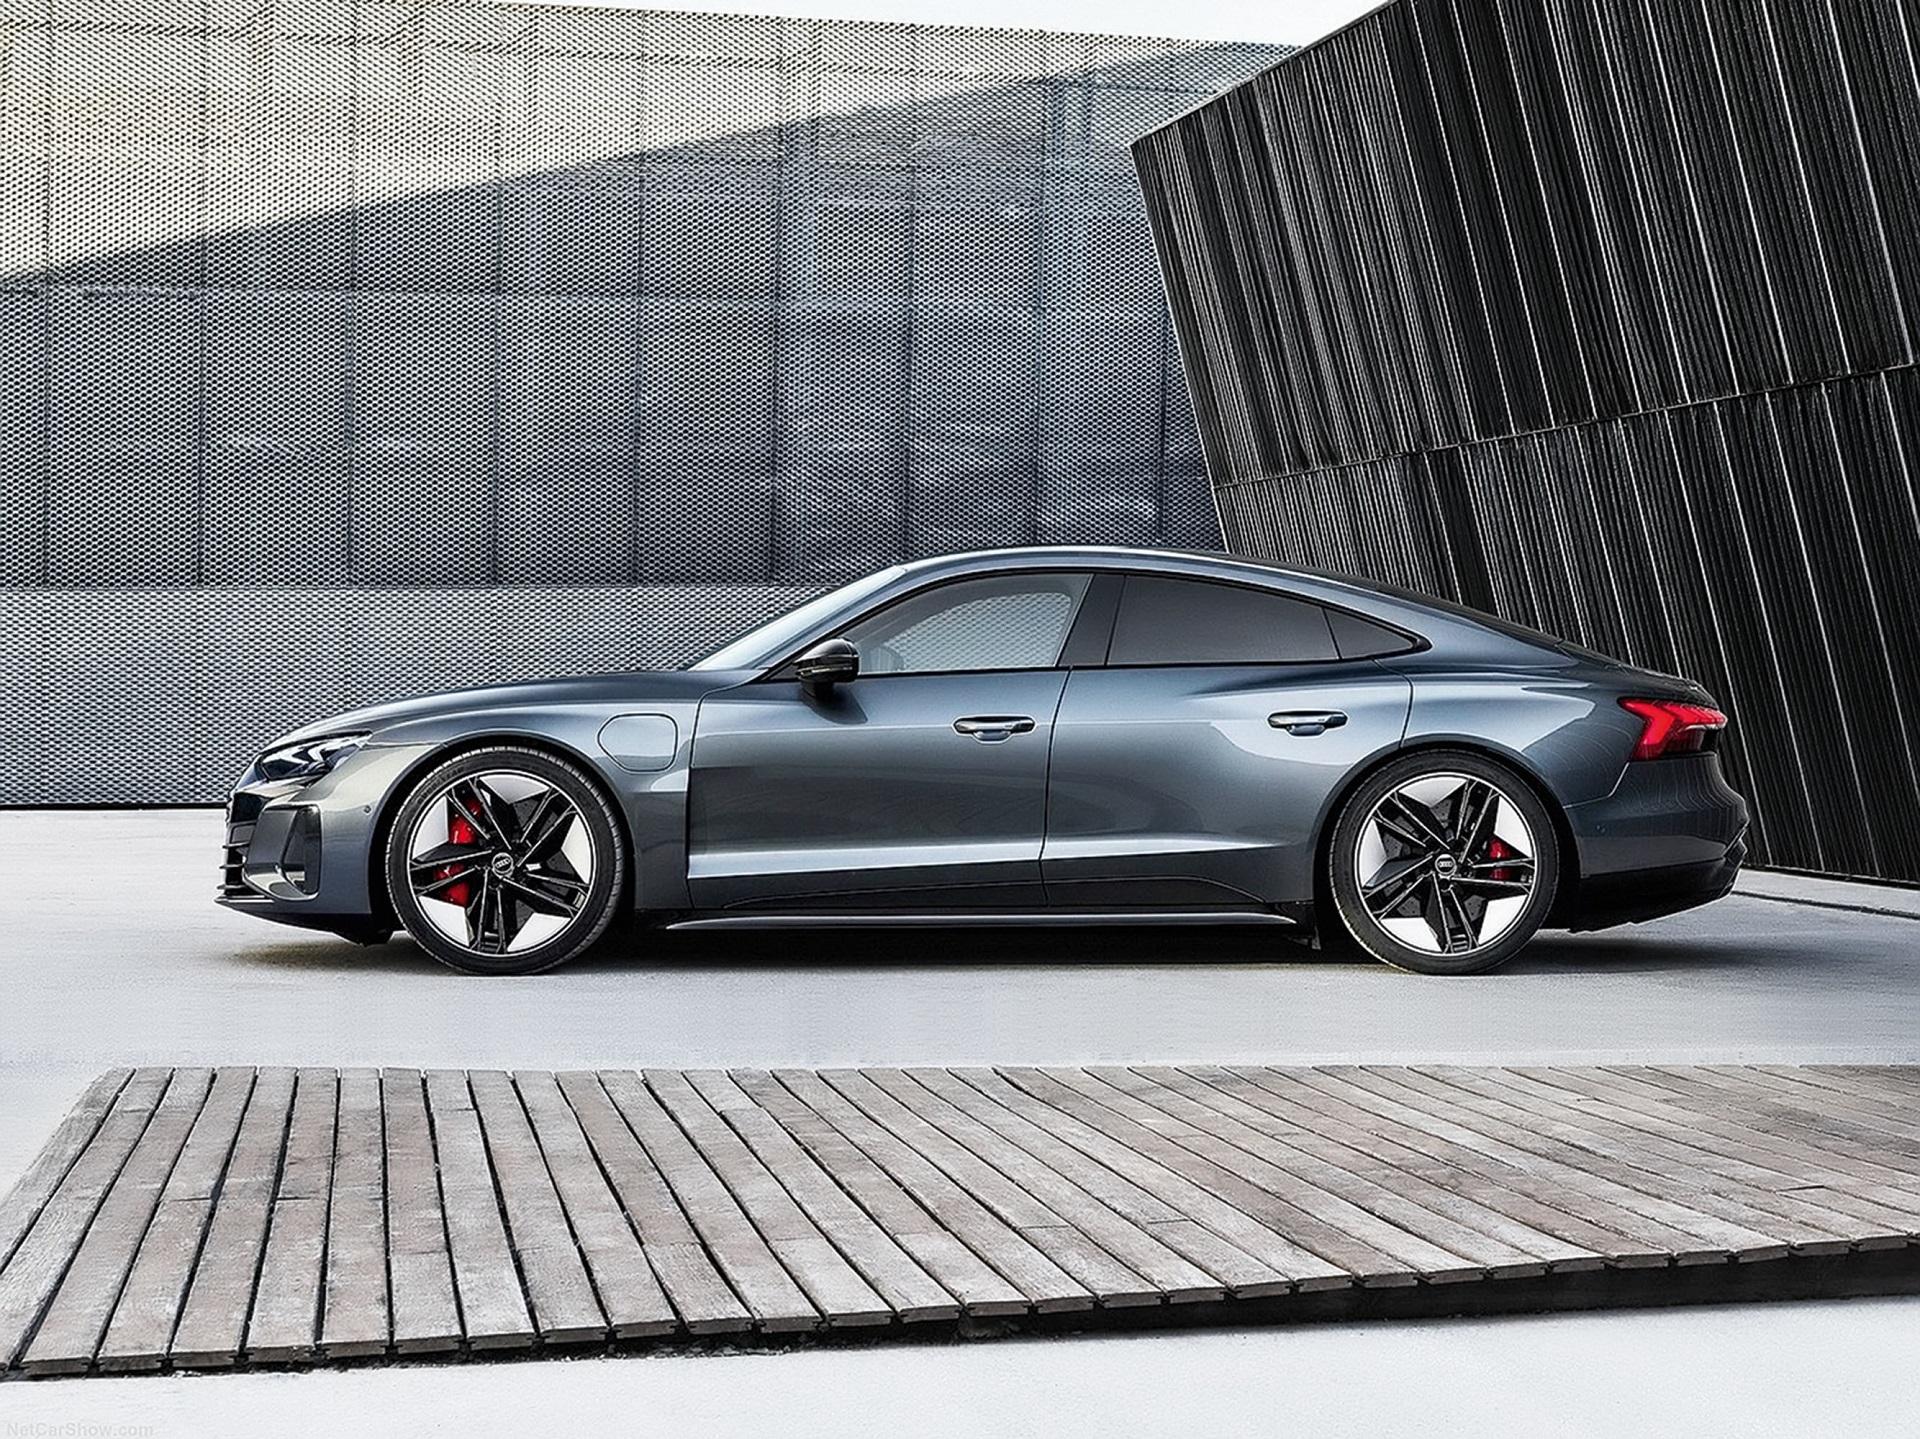 Design das rodas favorece a aerodinâmica lateral do carro